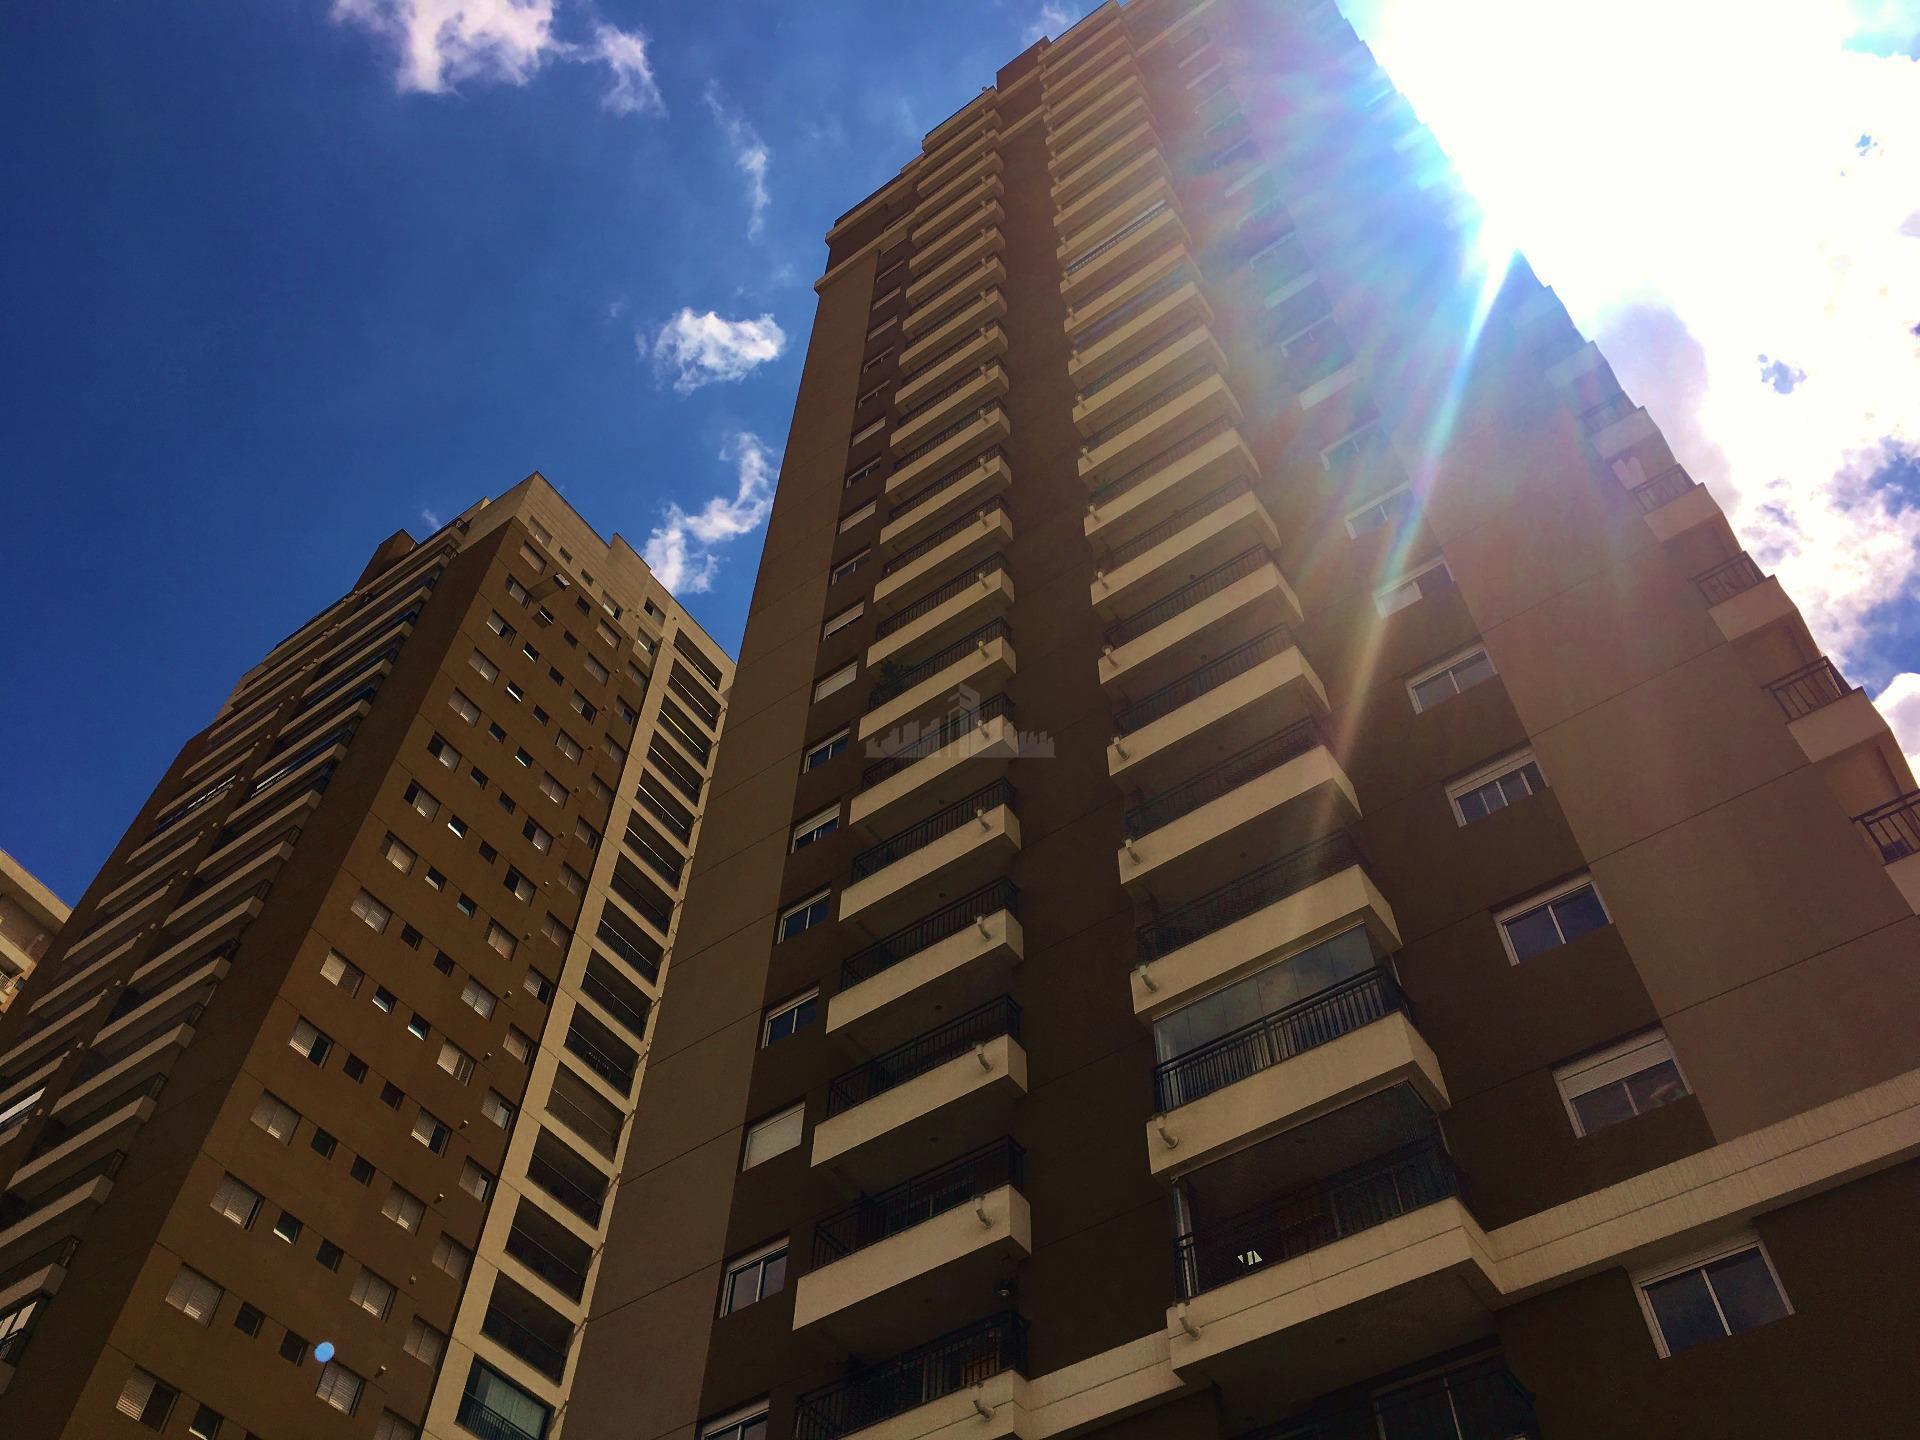 Apartamento com 2 dormitórios para alugar, 70 m² por R$ 2.600/mês